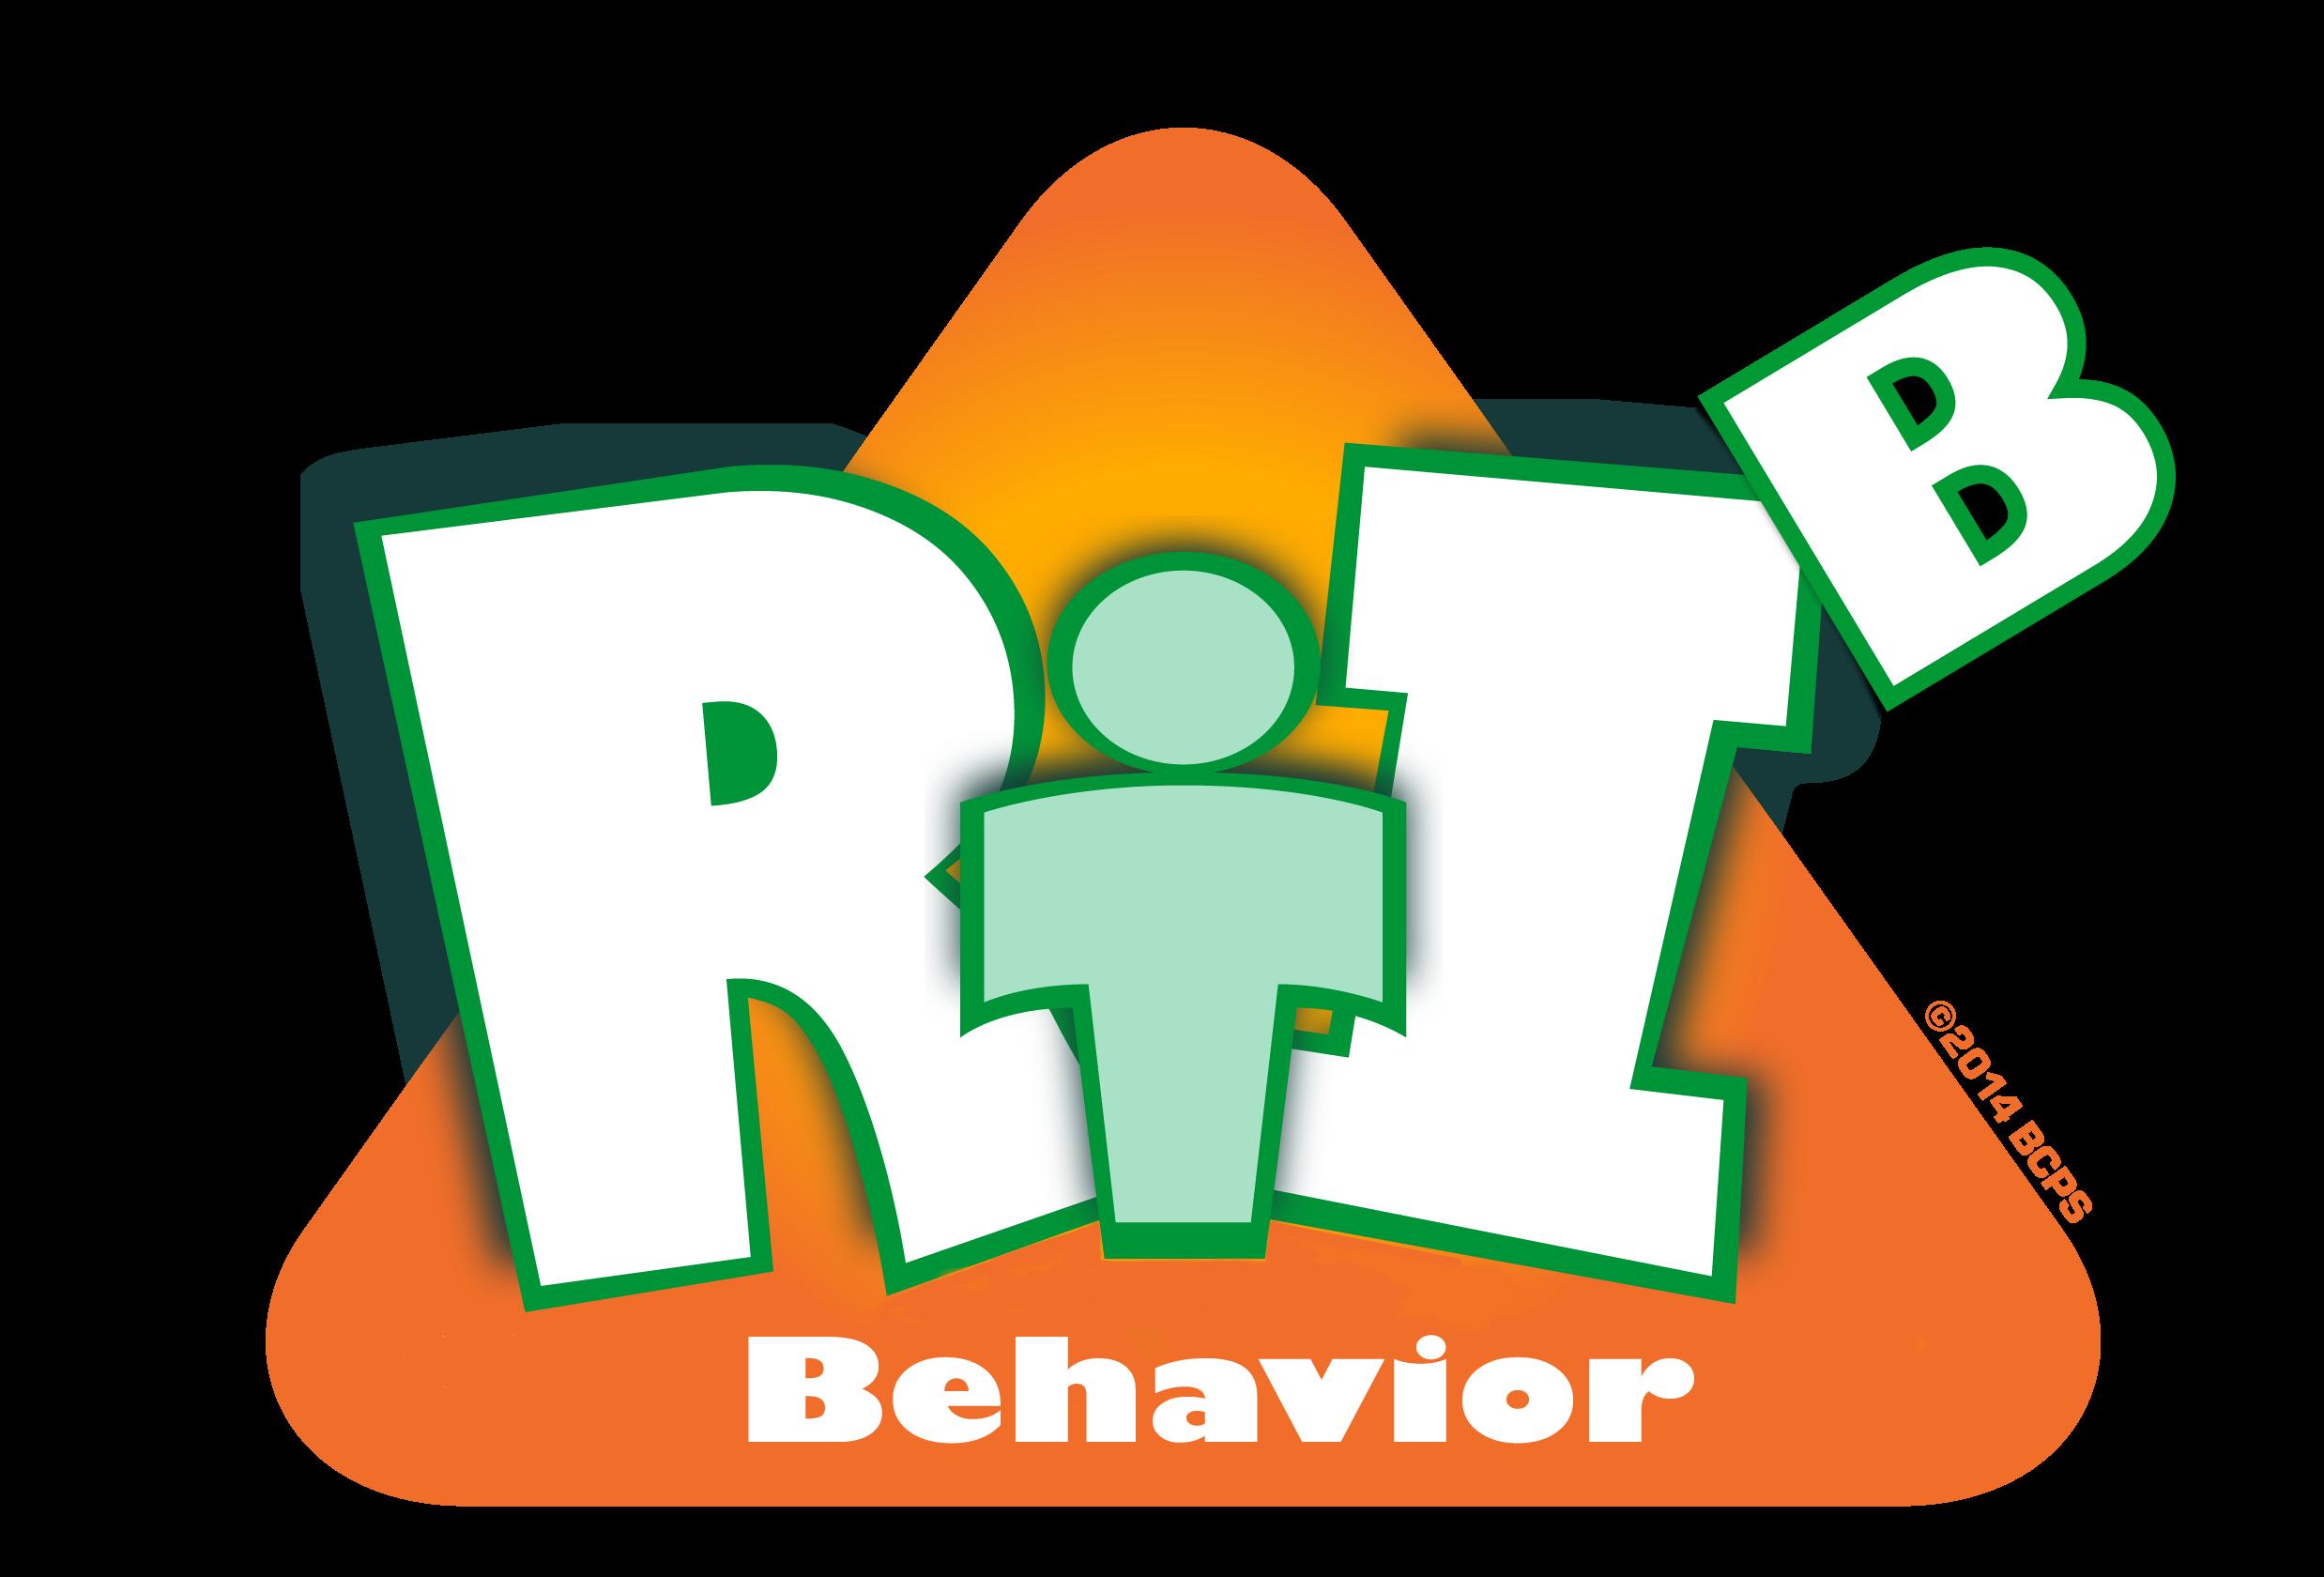 Schedule clipart intervention. Broward prevention webinars rtiblogo